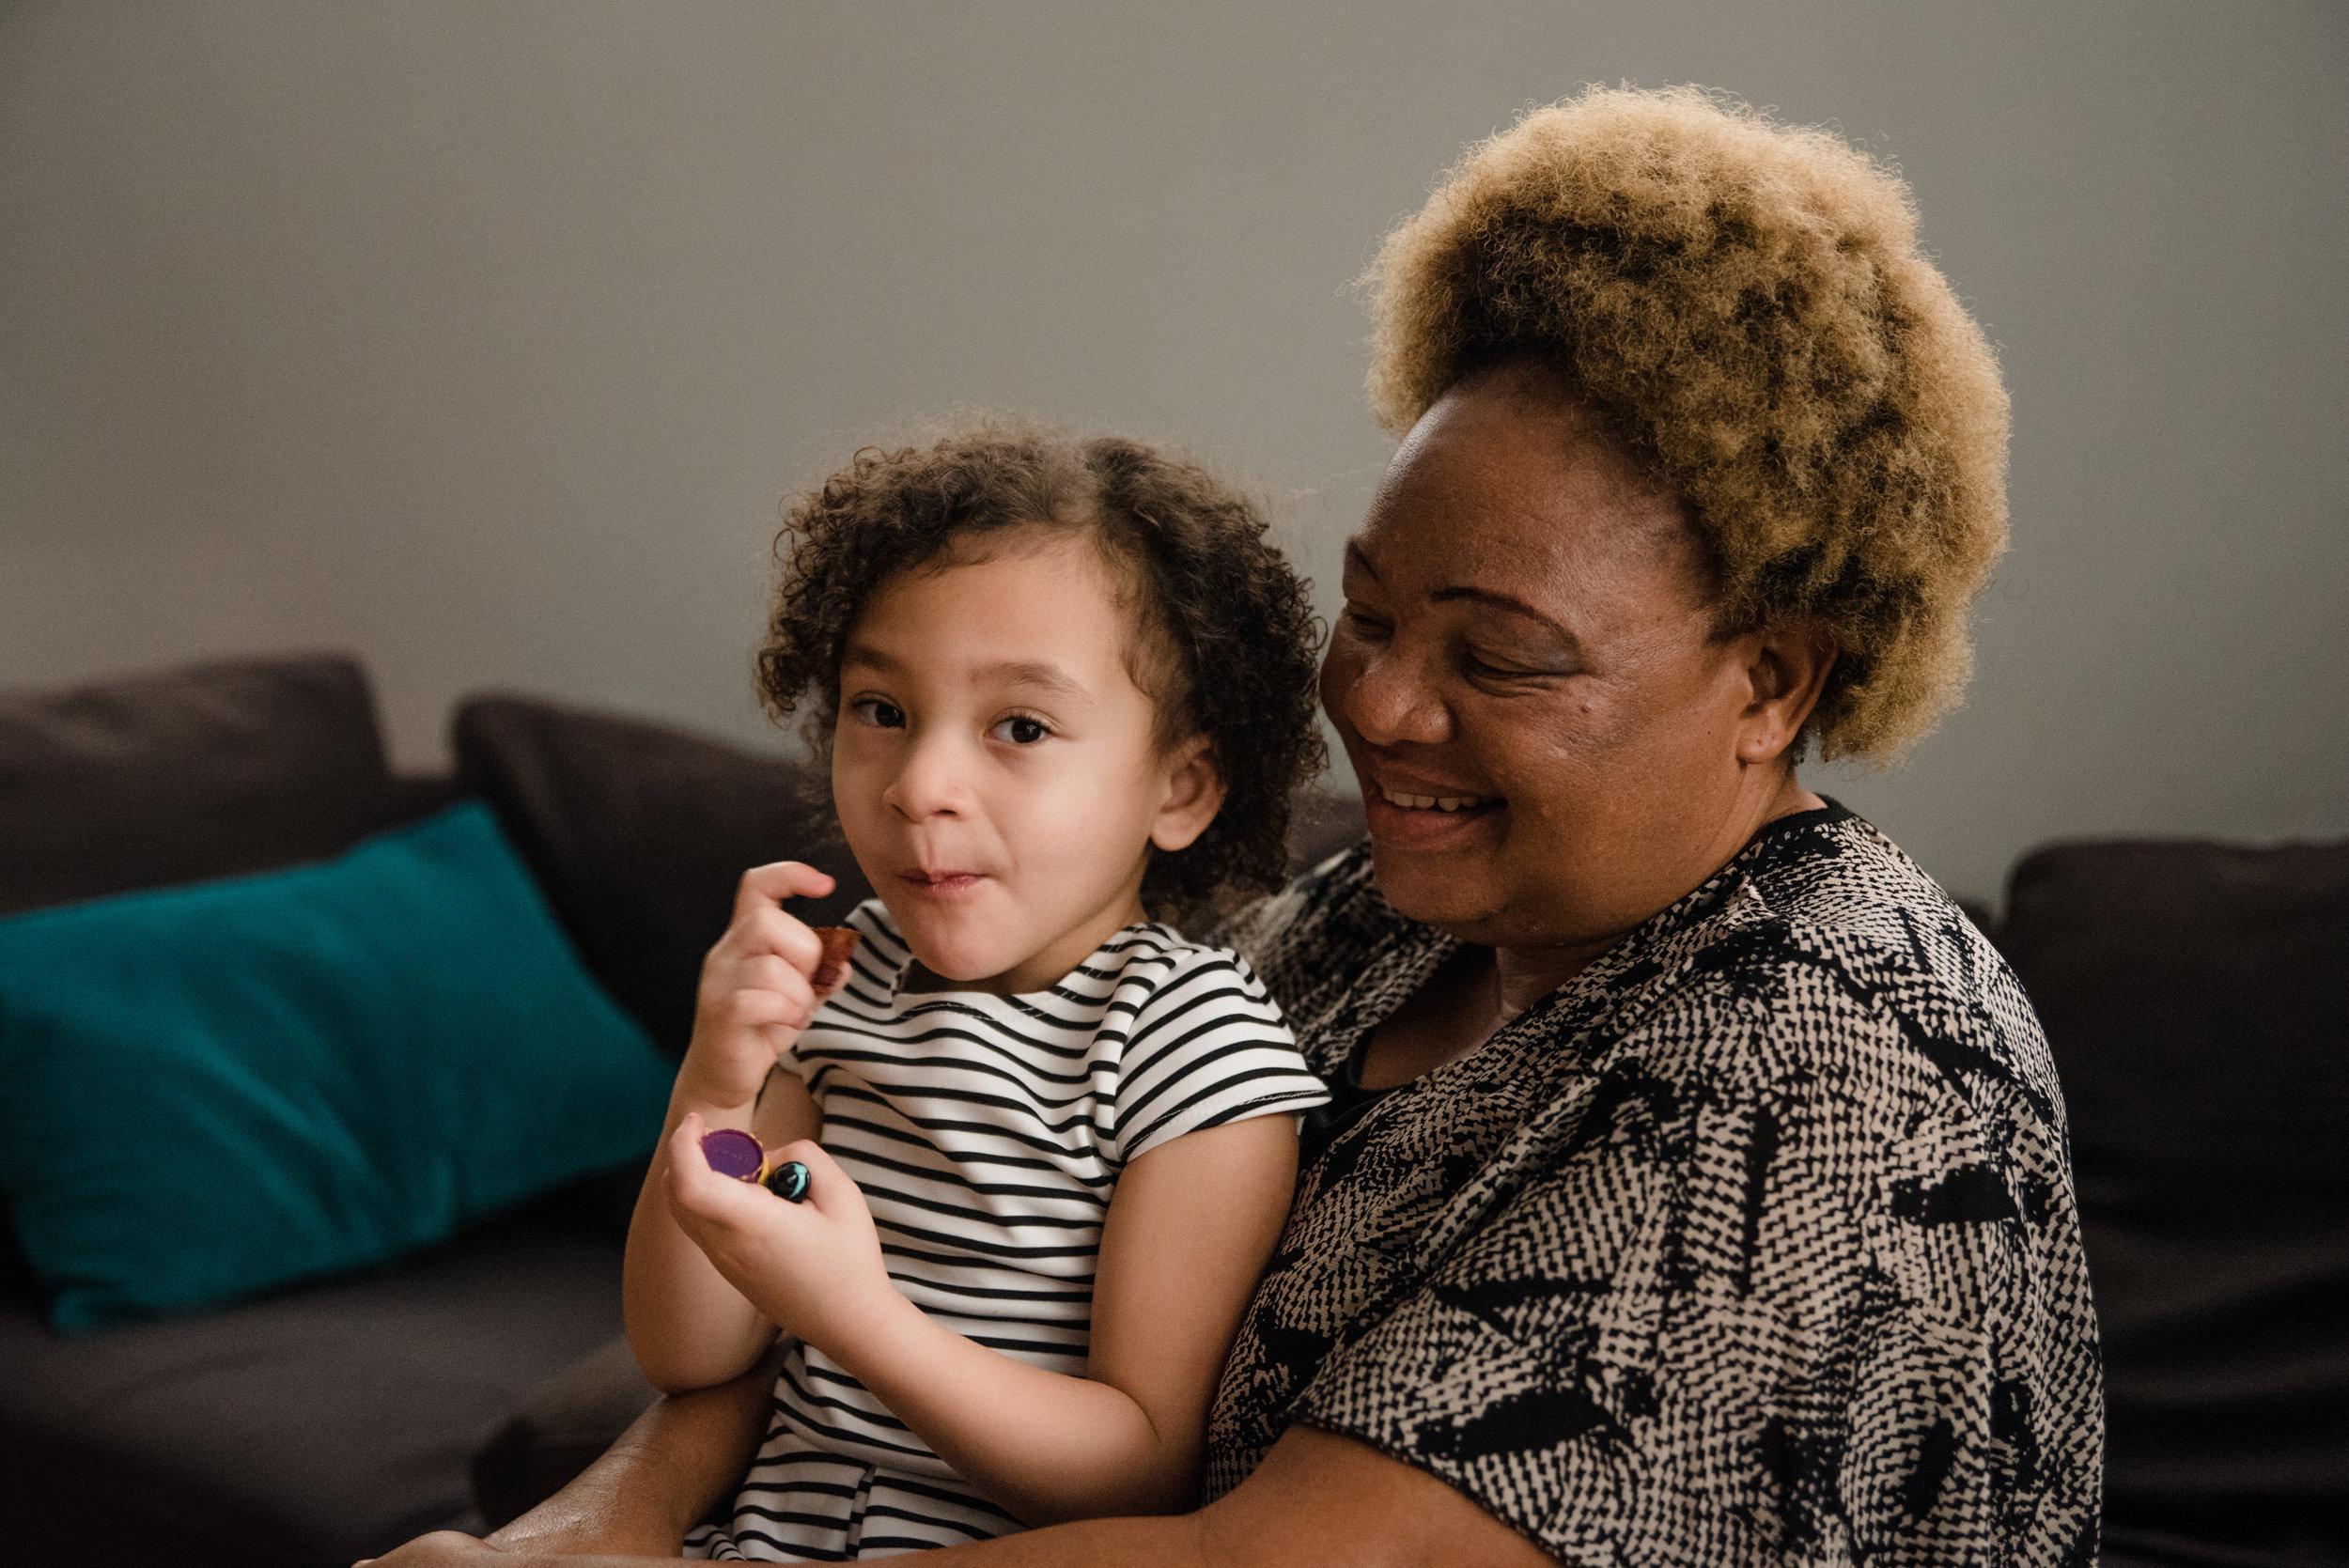 photo-d-une-petite-fille-et-sa-grand-maman-venue-dafrique-photographe-de-famille-a-montreal-marianne-charland-313.jpg